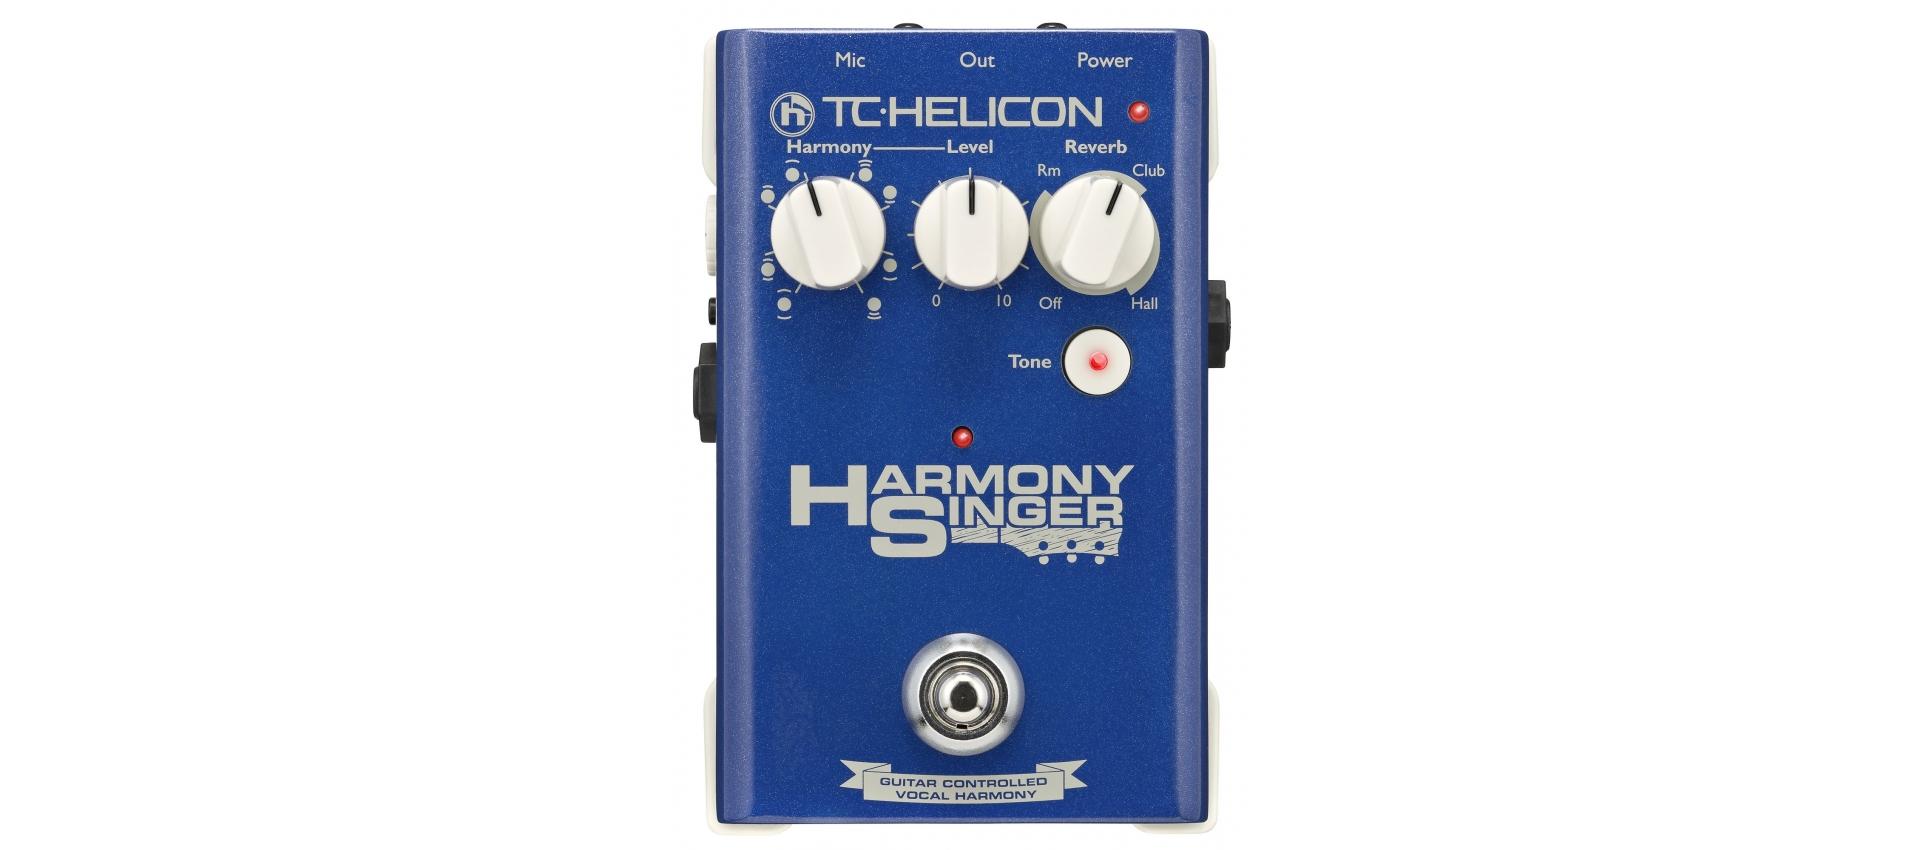 Tc Helicon Harmony Singer: